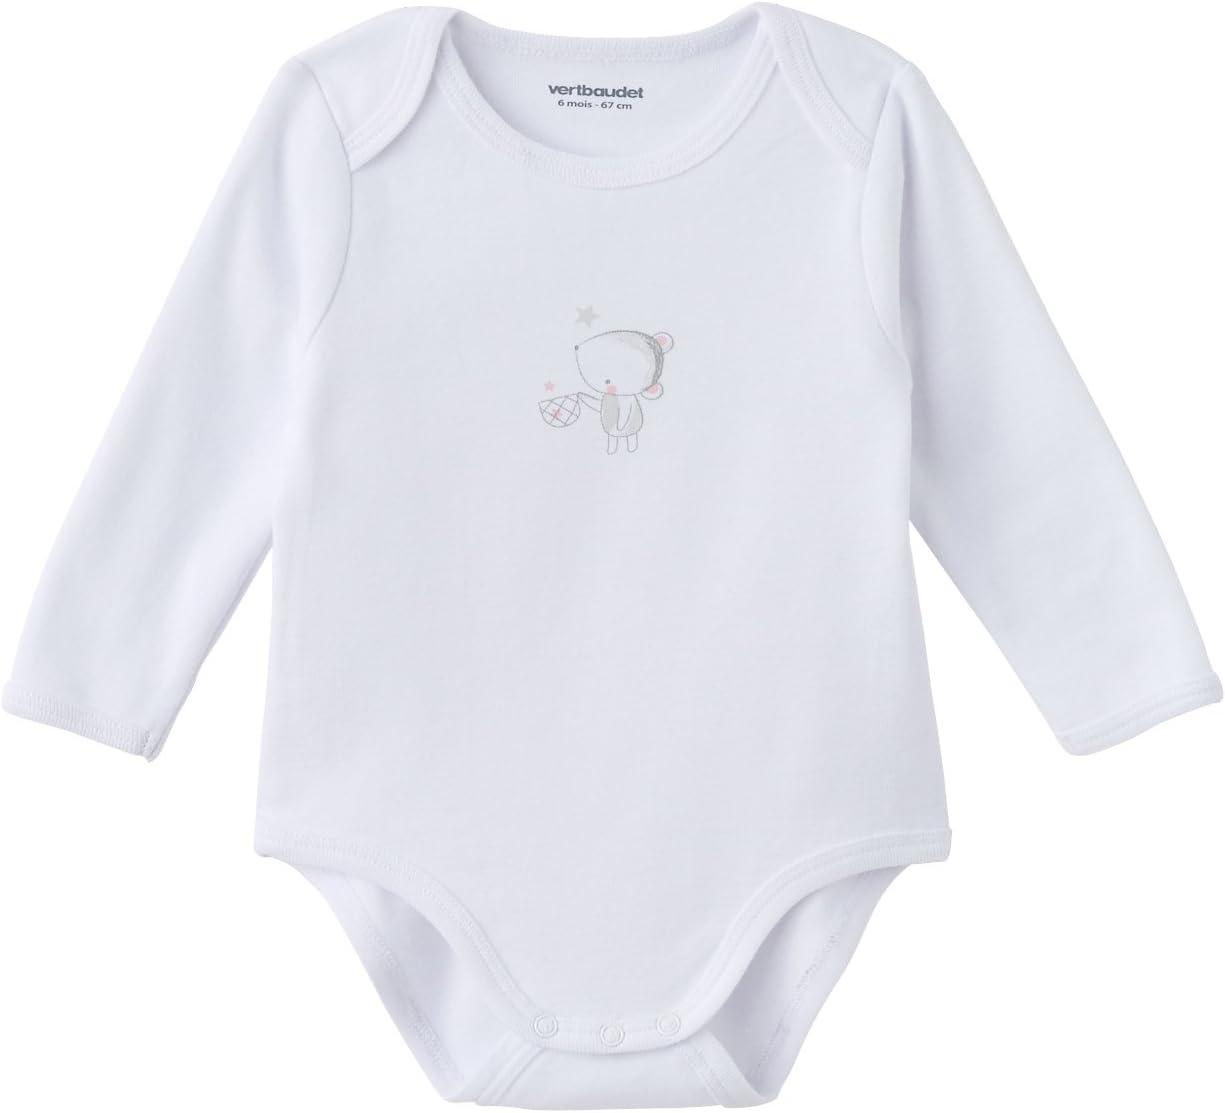 VERTBAUDET Lot de 3 bodies naissance pur coton blanc manches longues Blanc 1M 54CM